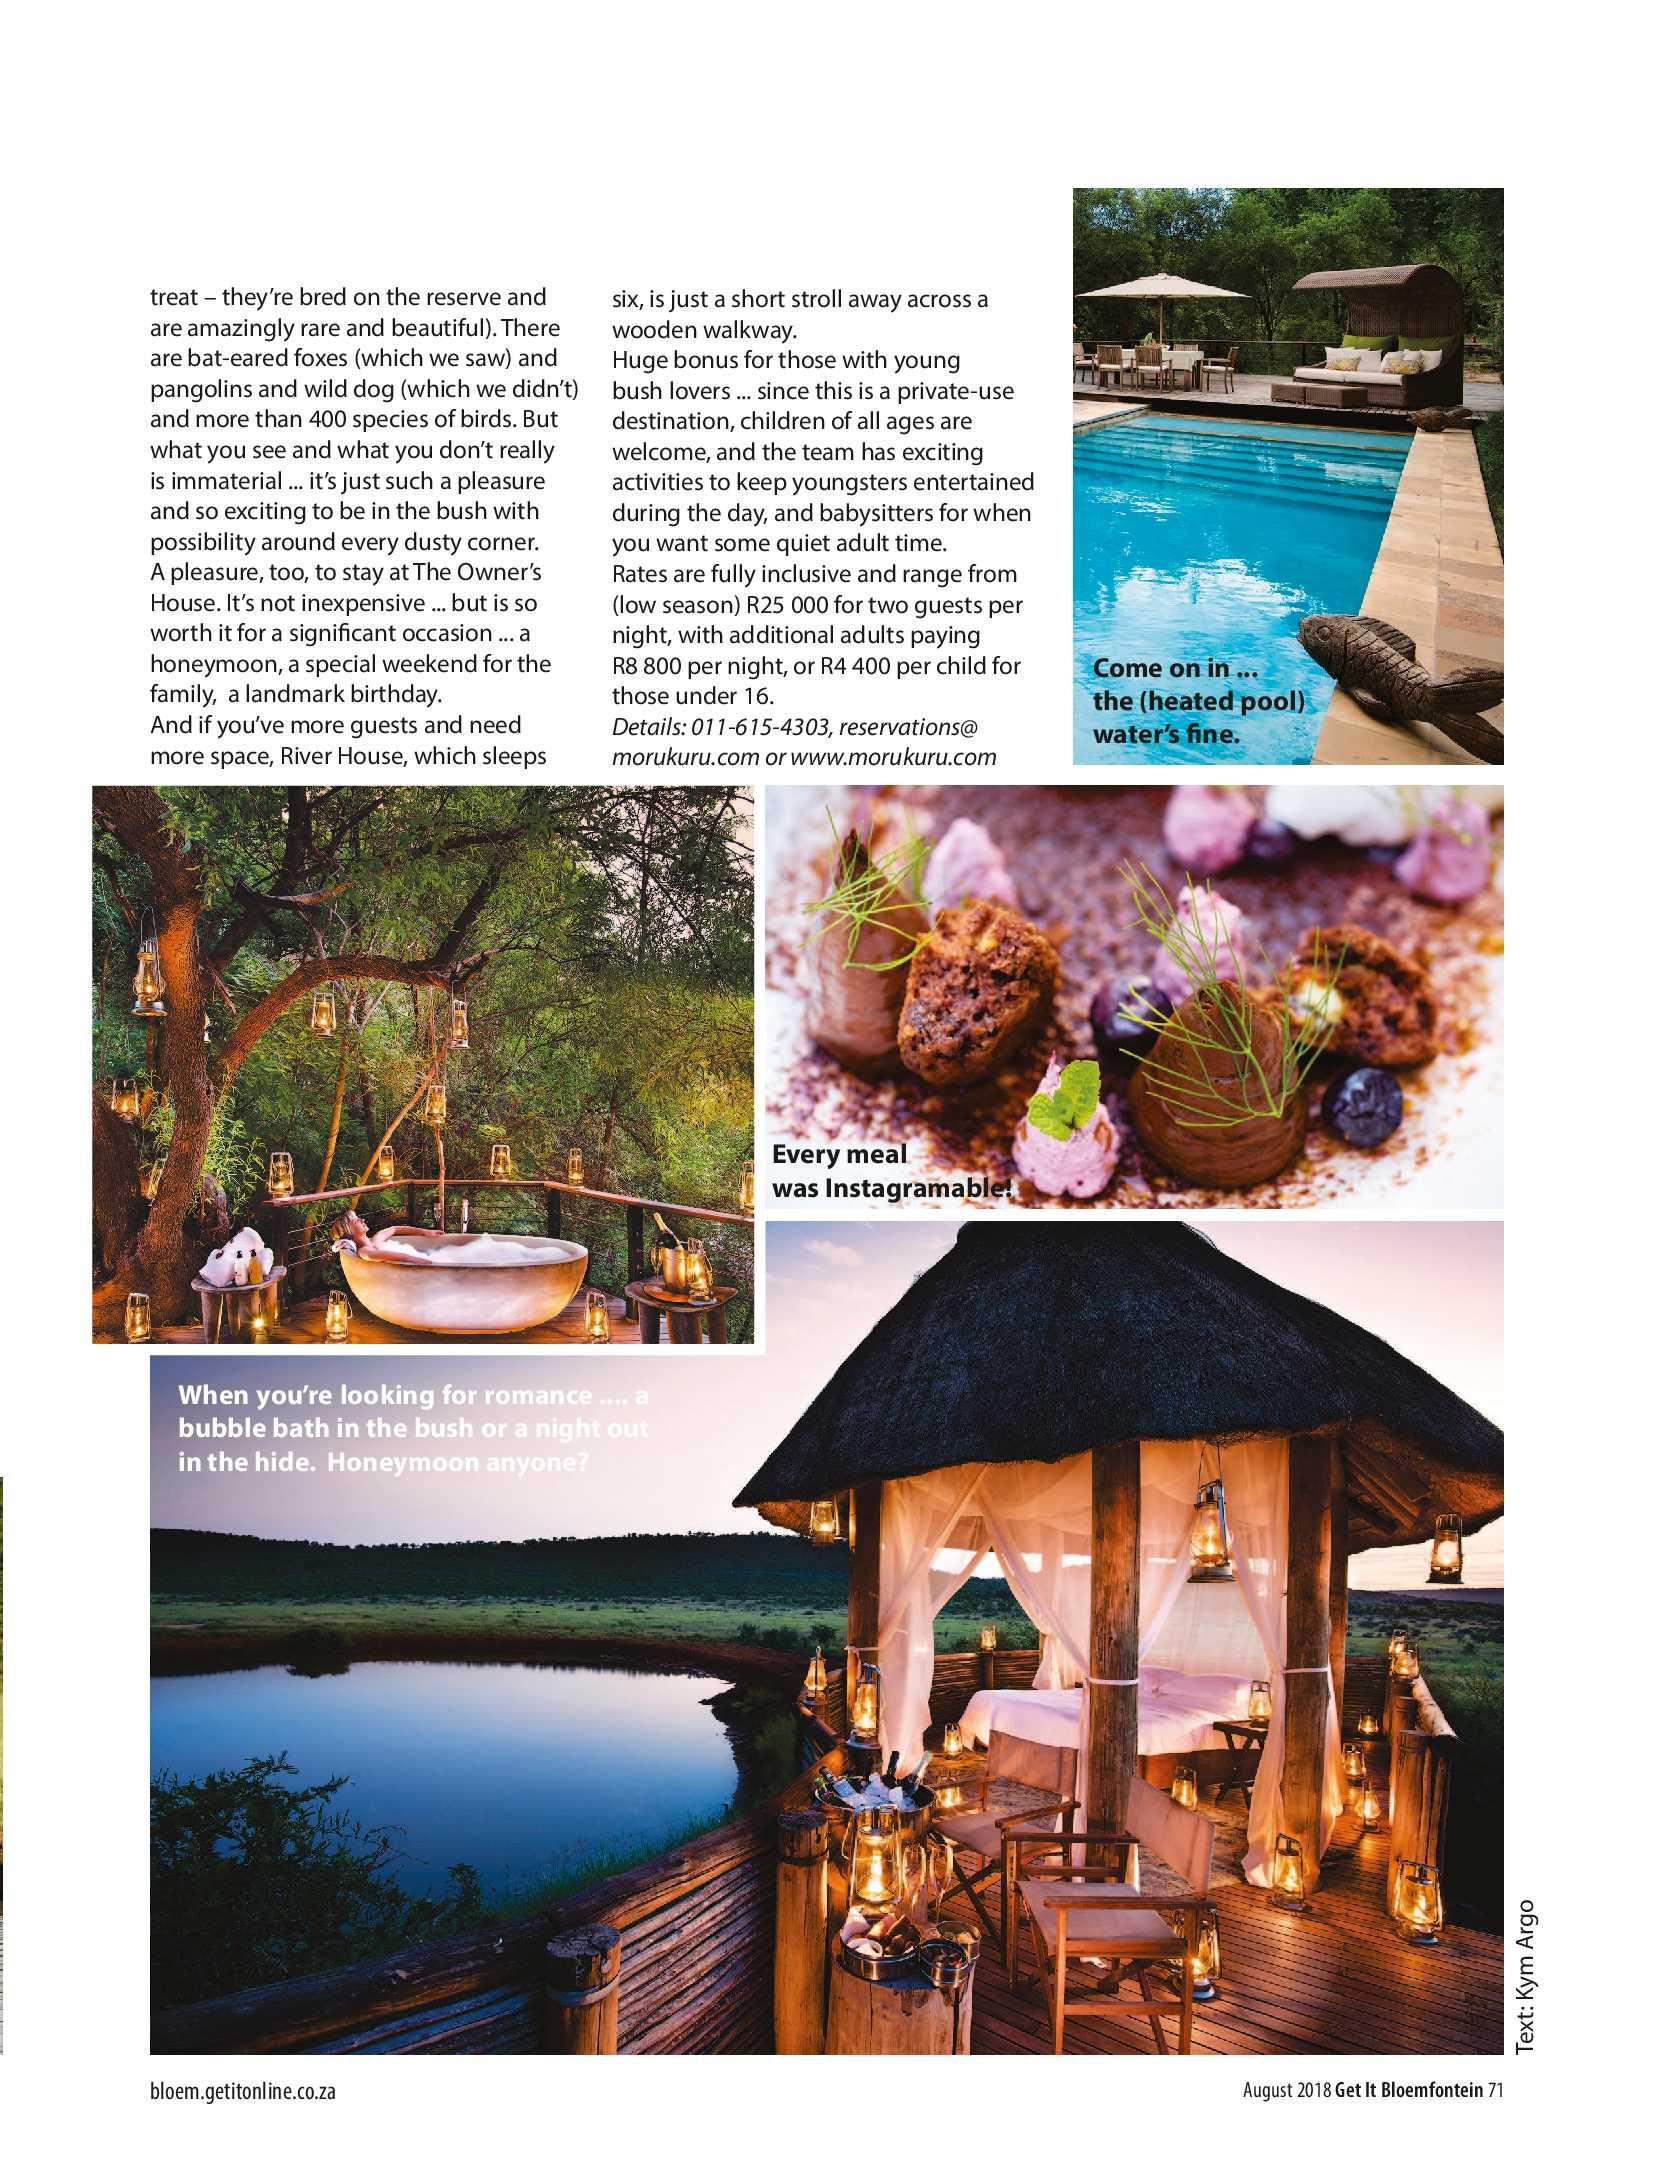 get-bloemfontein-august-2018-epapers-page-73